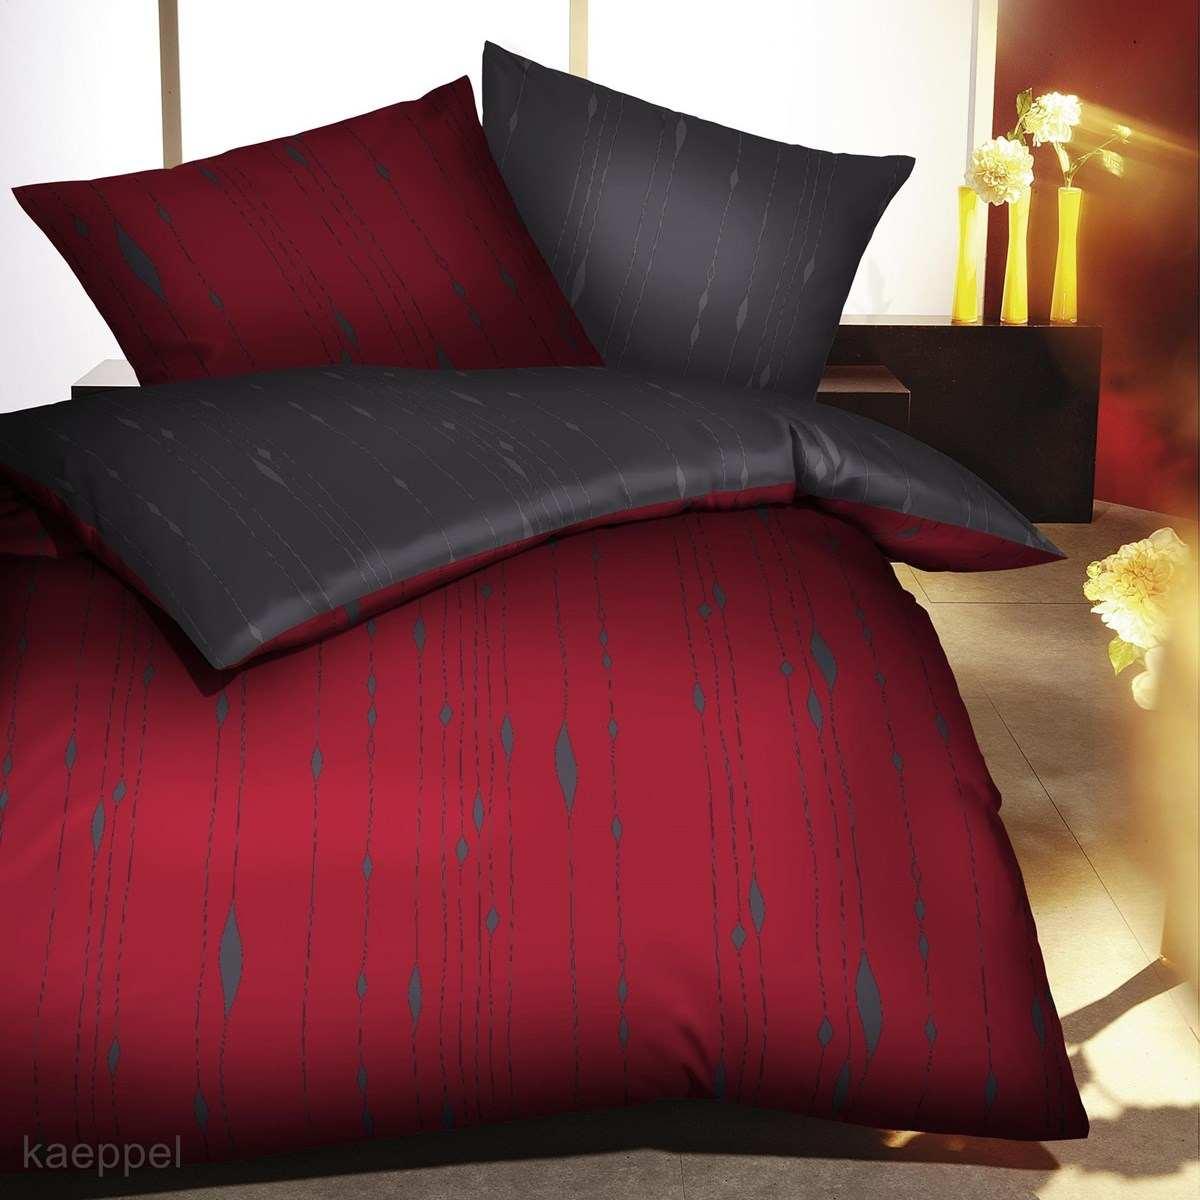 bettw sche 200x200 cm online kaufen kaeppel bettw sche. Black Bedroom Furniture Sets. Home Design Ideas